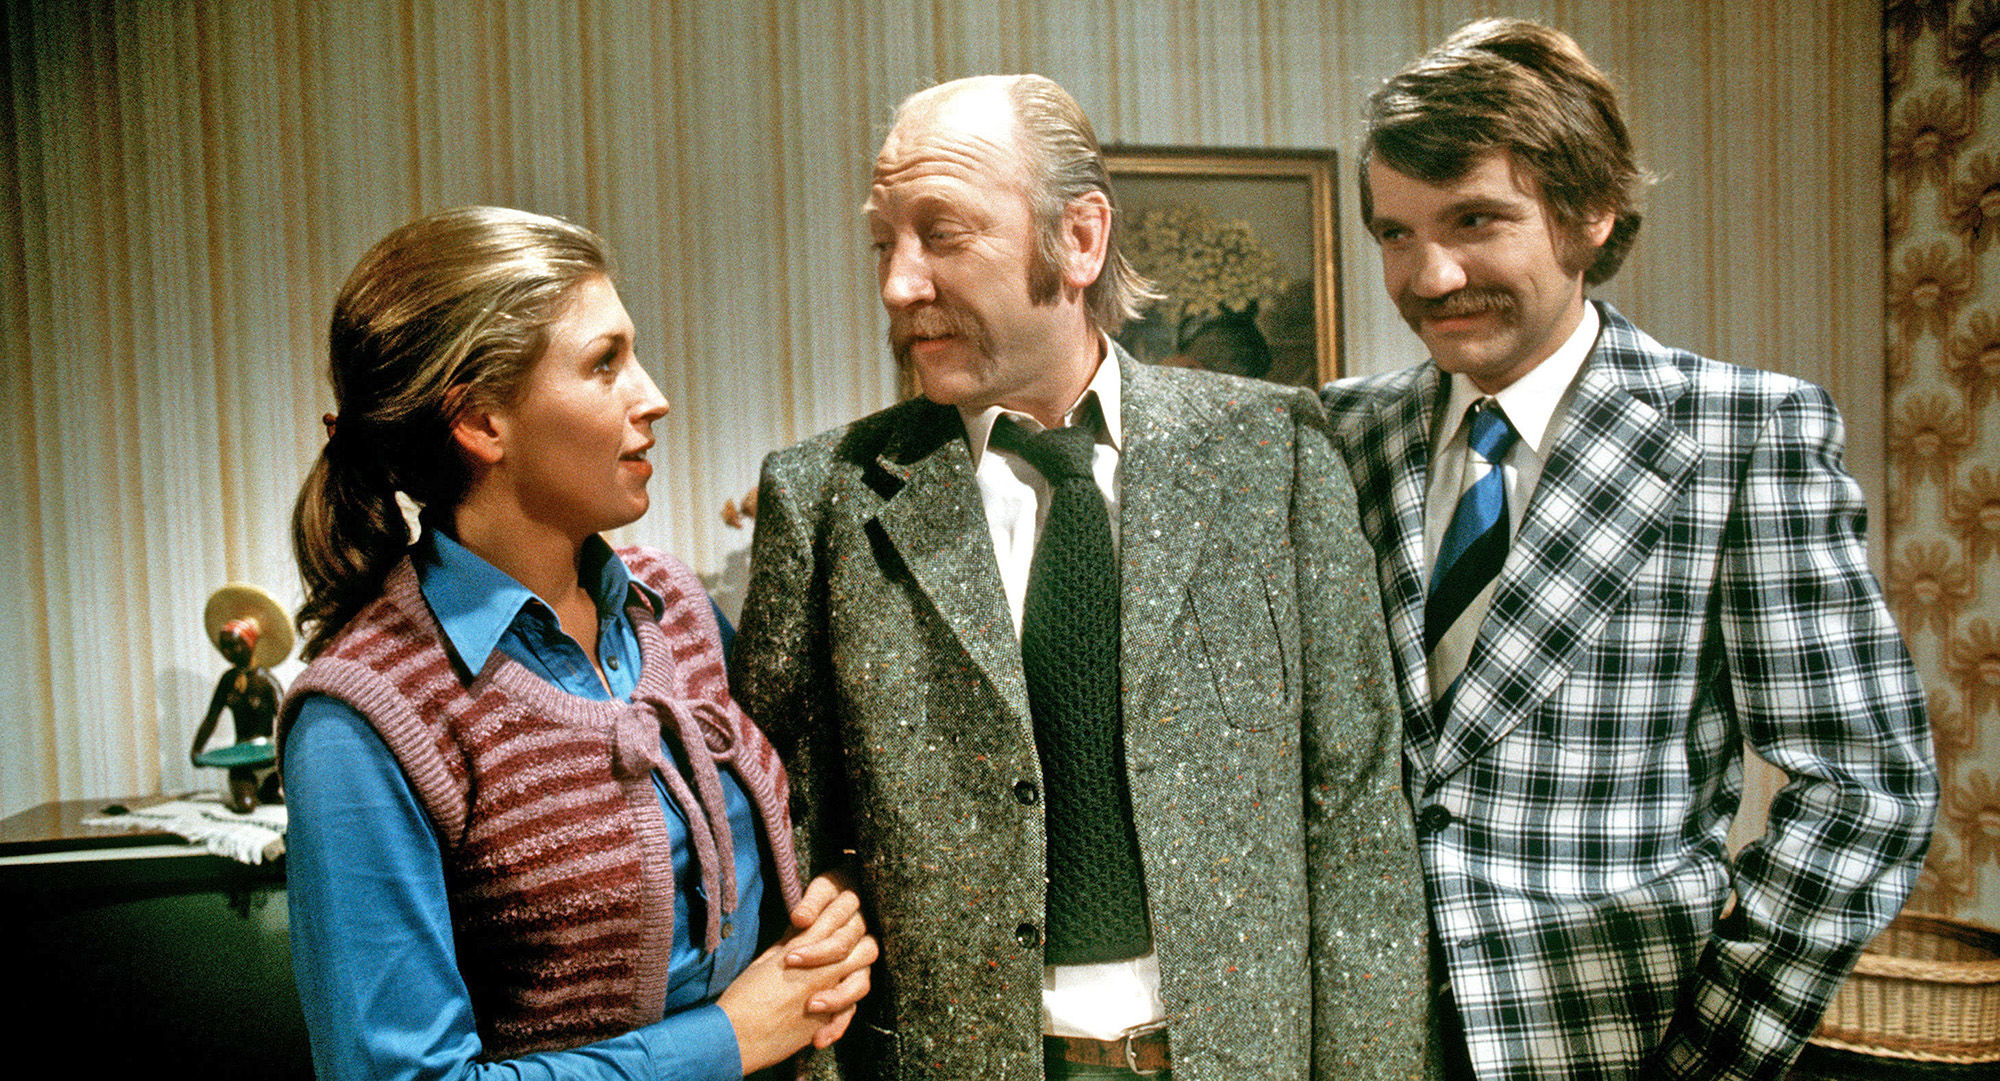 Irmi (Liliana Nelska), Mundl (Karl Merkatz), Karli (Klaus Rott)